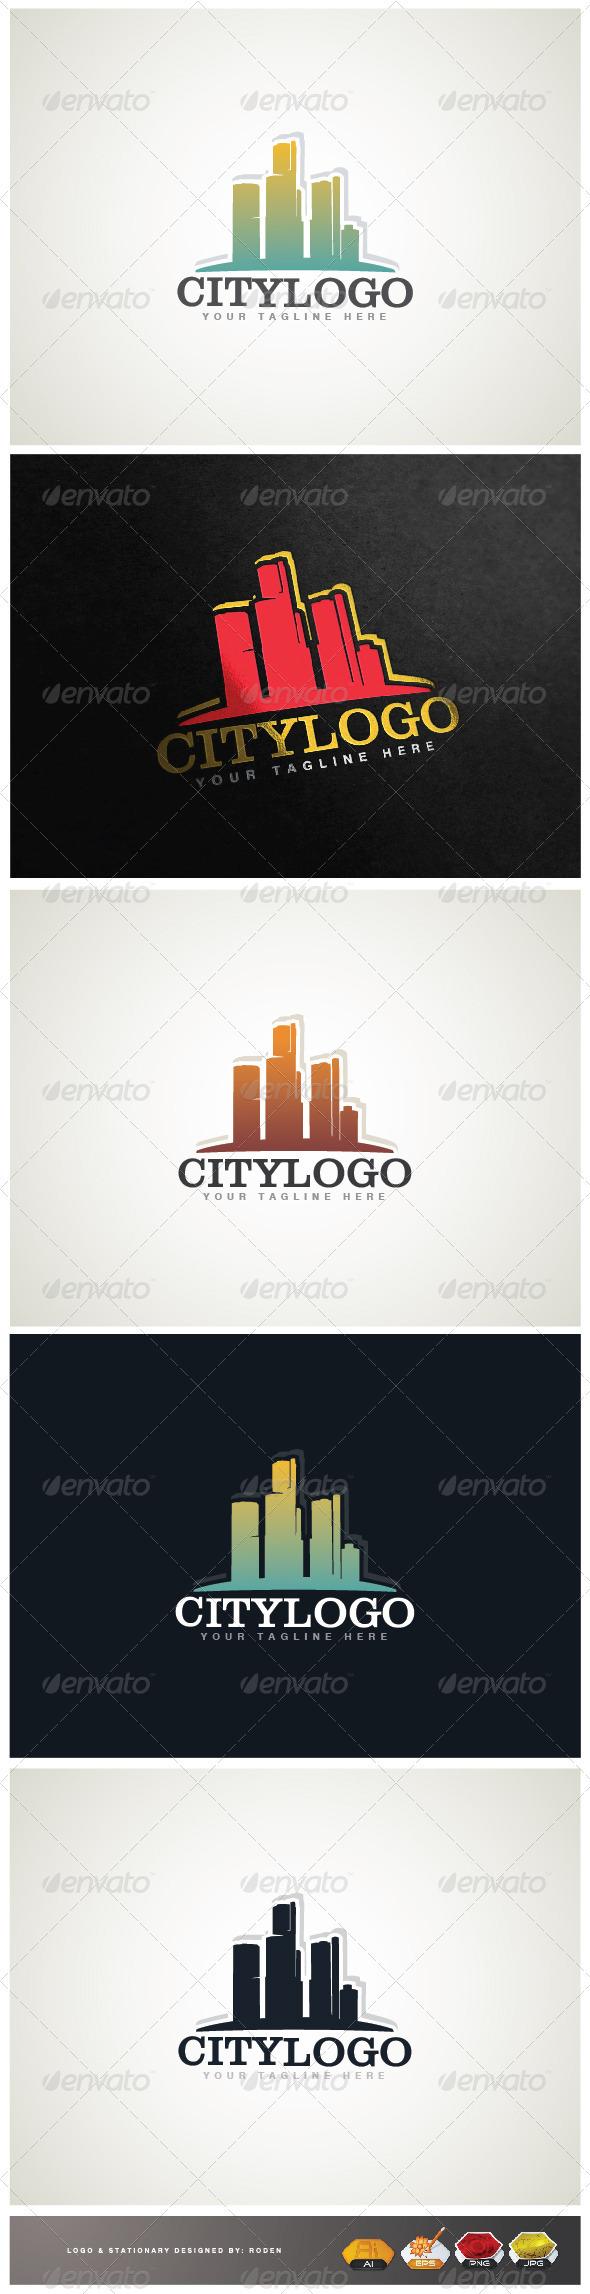 GraphicRiver City Logo 3661208